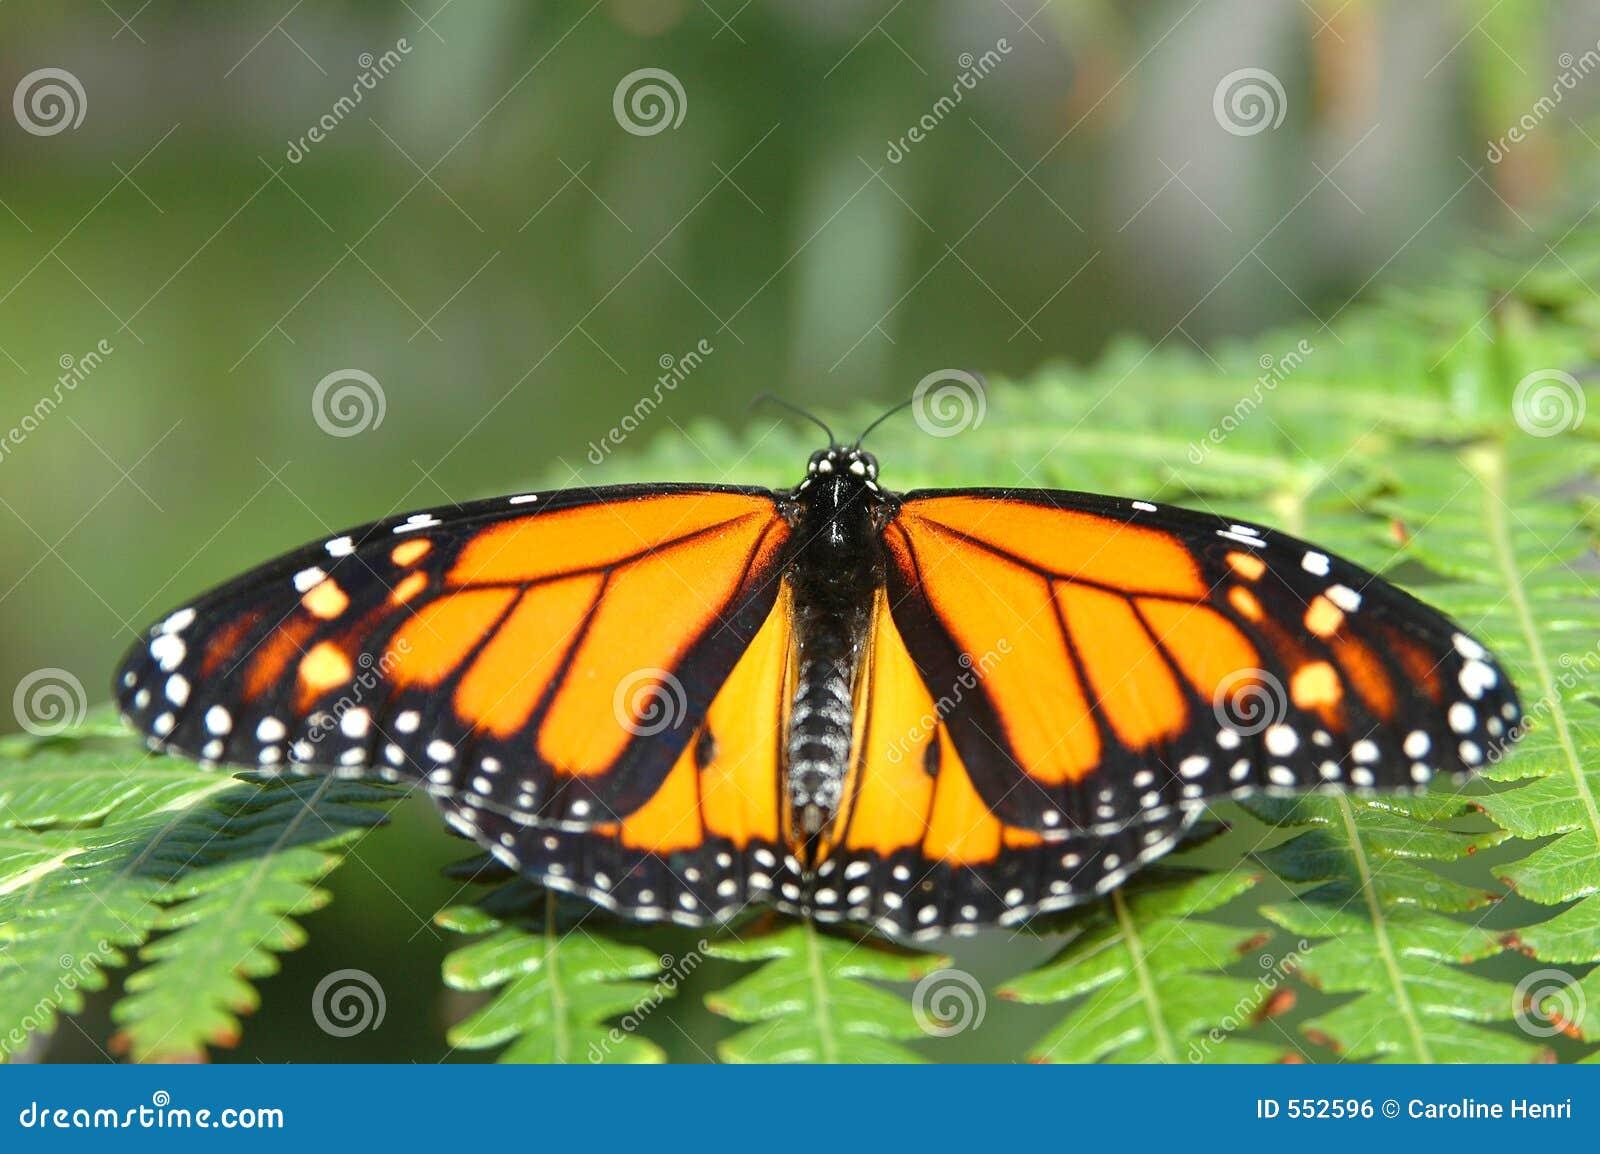 Monarch on a fern